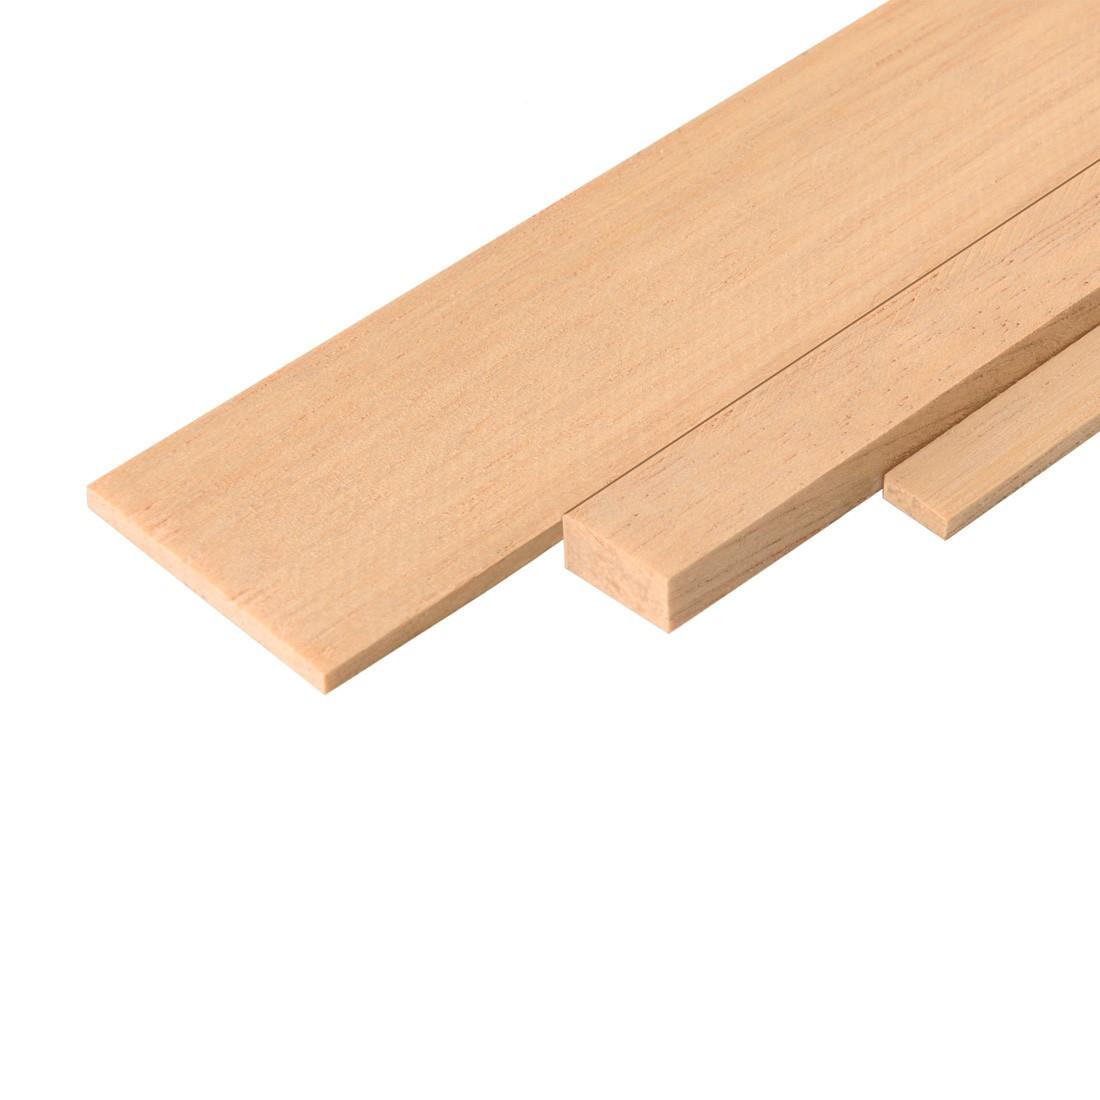 Ramin wood strip mm.4x35